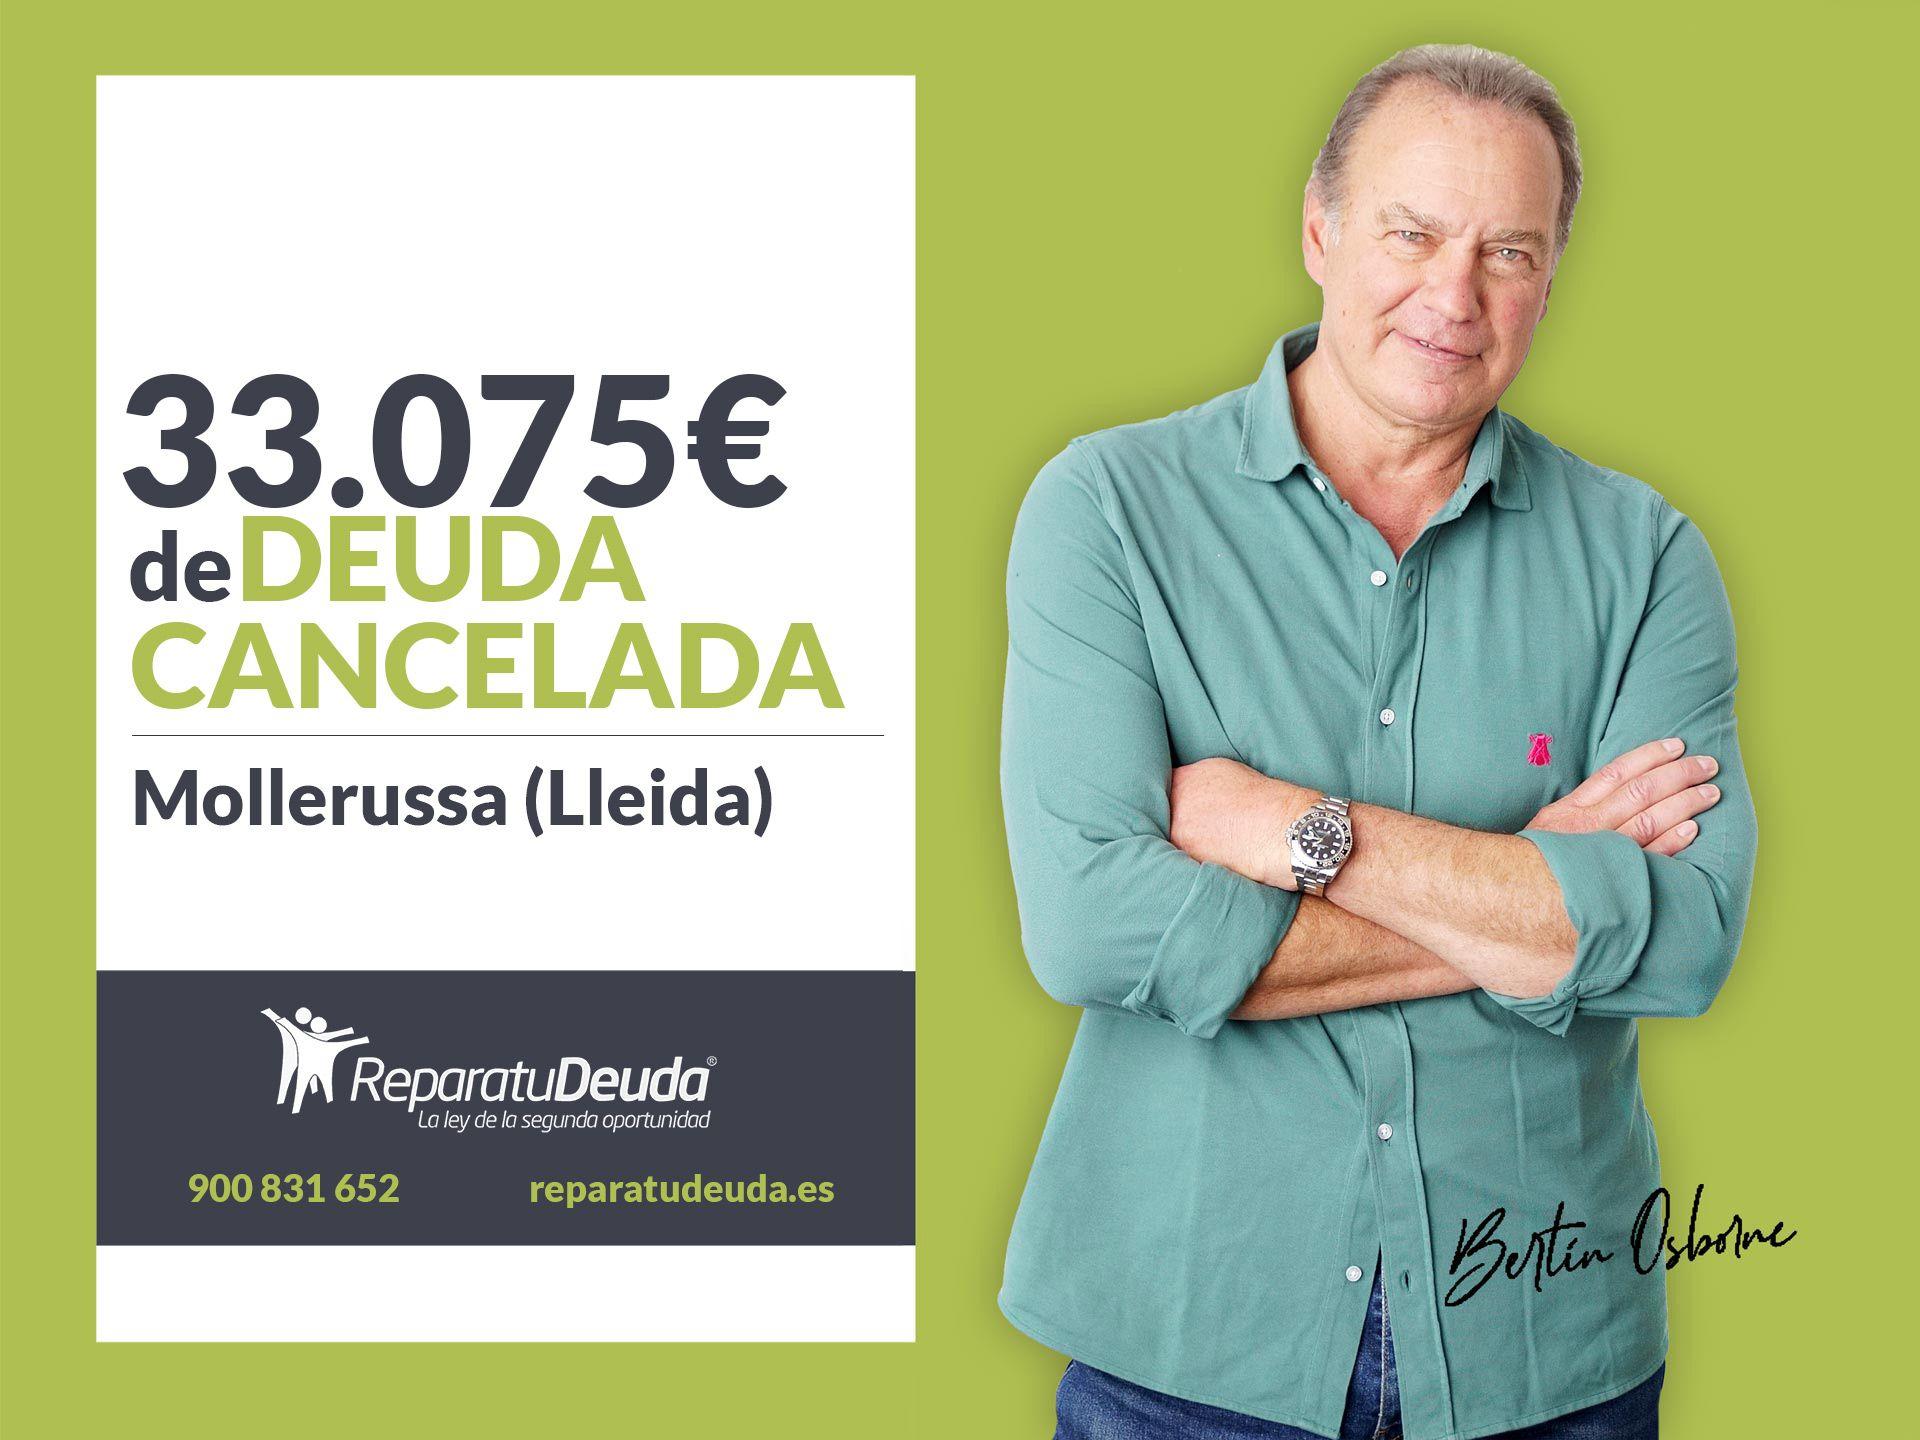 Repara tu Deuda Abogados cancela 33.075? en Mollerussa (Lleida) con la Ley de Segunda Oportunidad